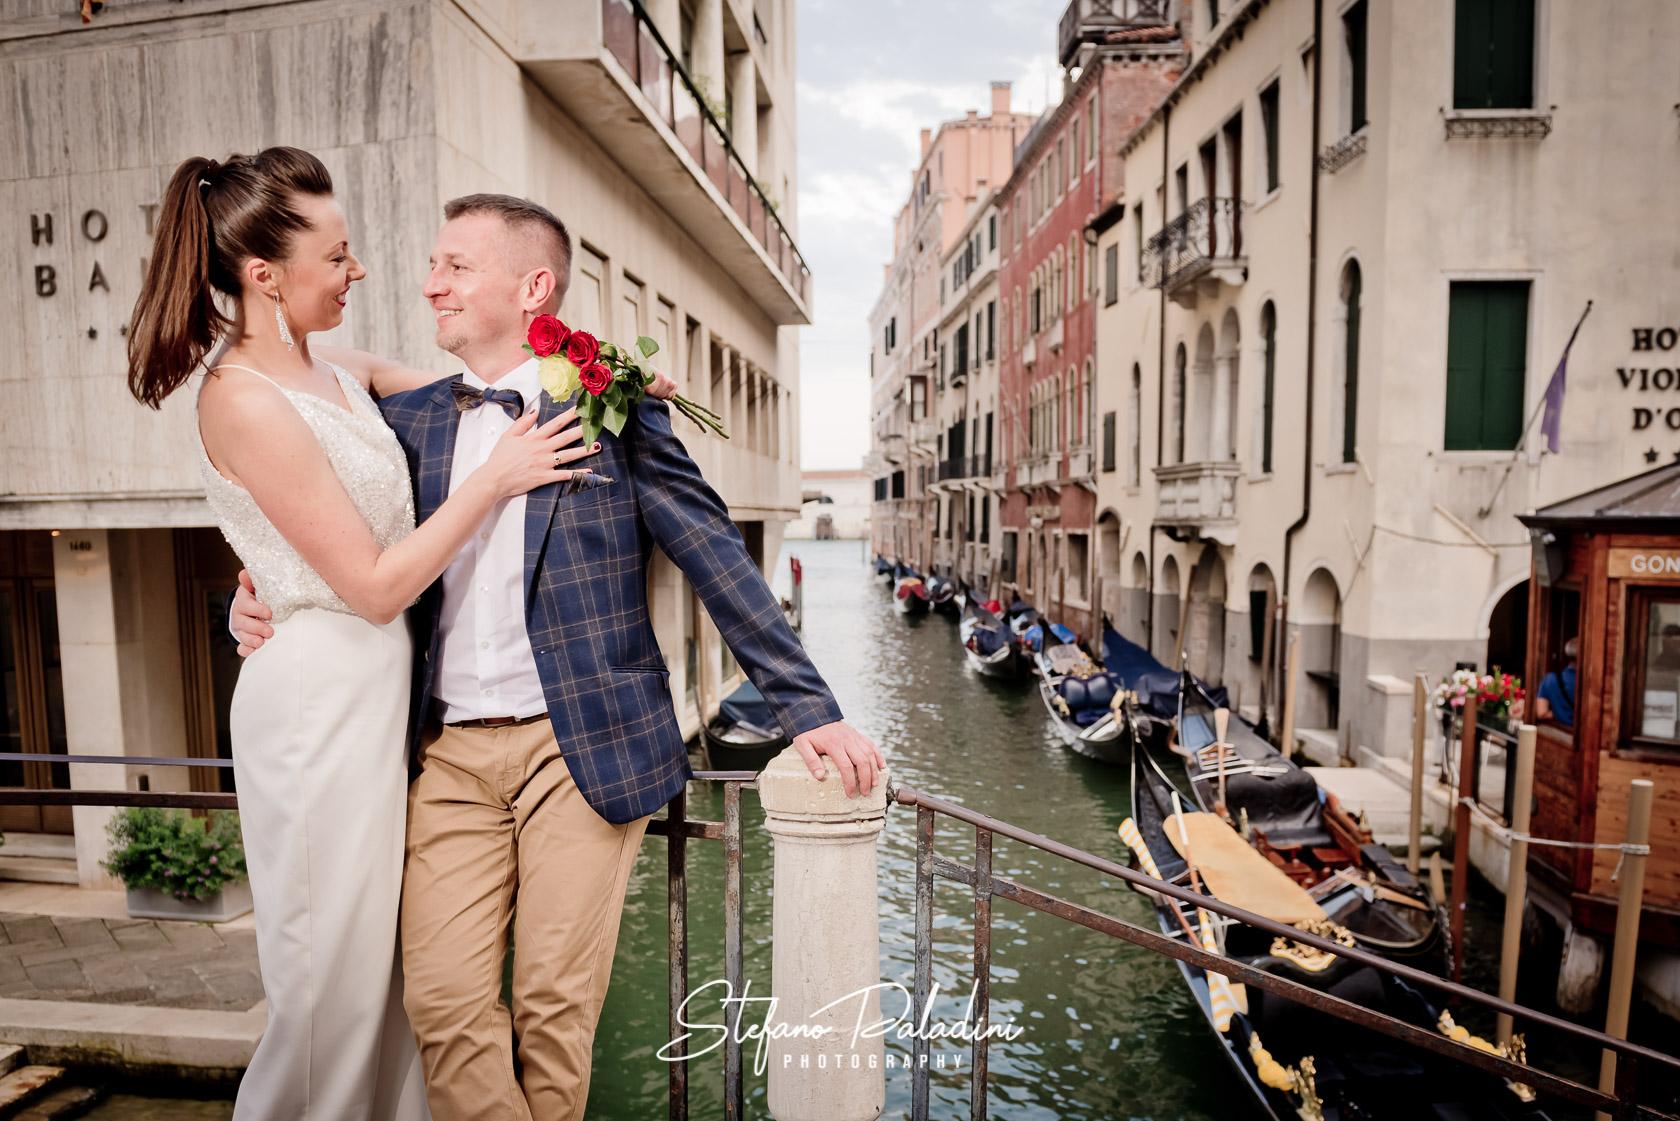 Honeymoon in Venice - Fotografo di Nozze Stefano Paladini